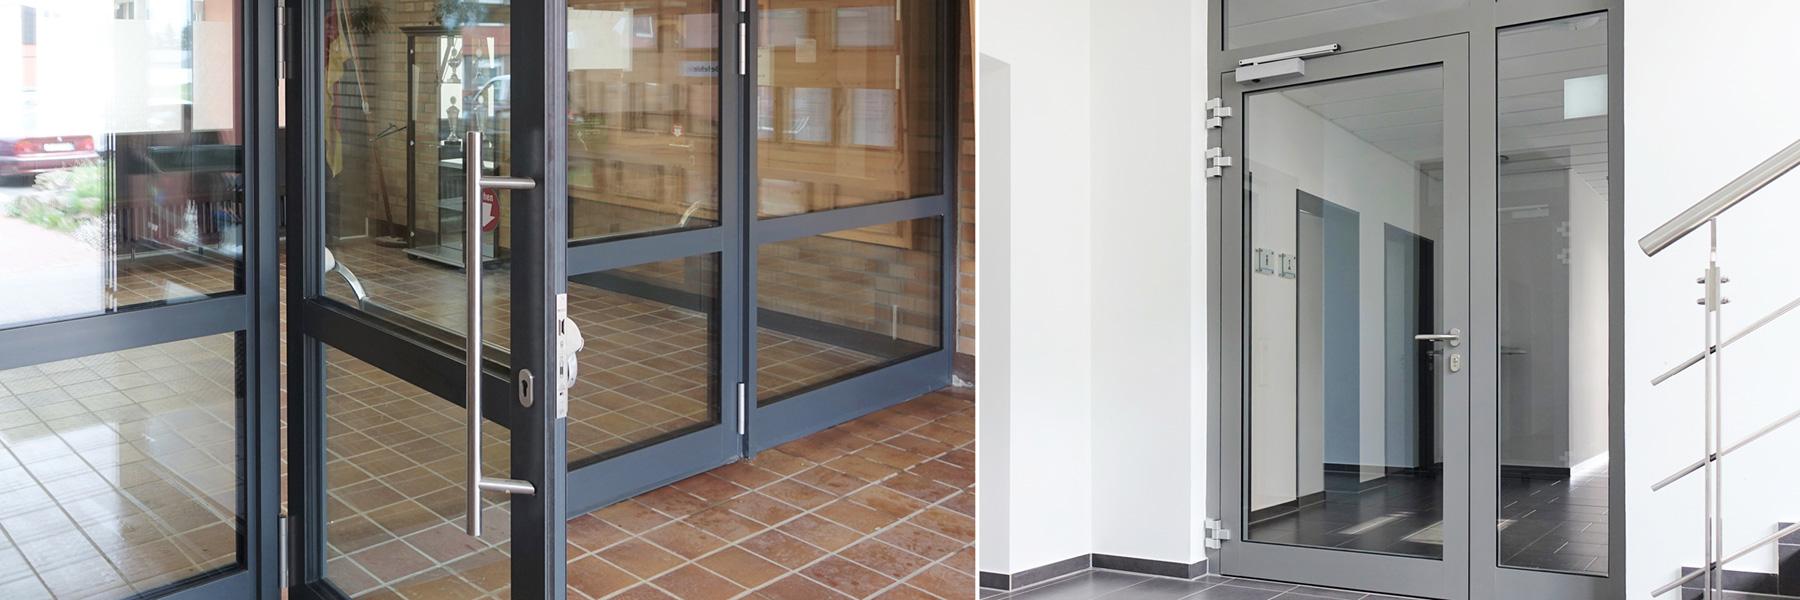 Slider Akotherm Brandschutzverglasung Brandschutzportal